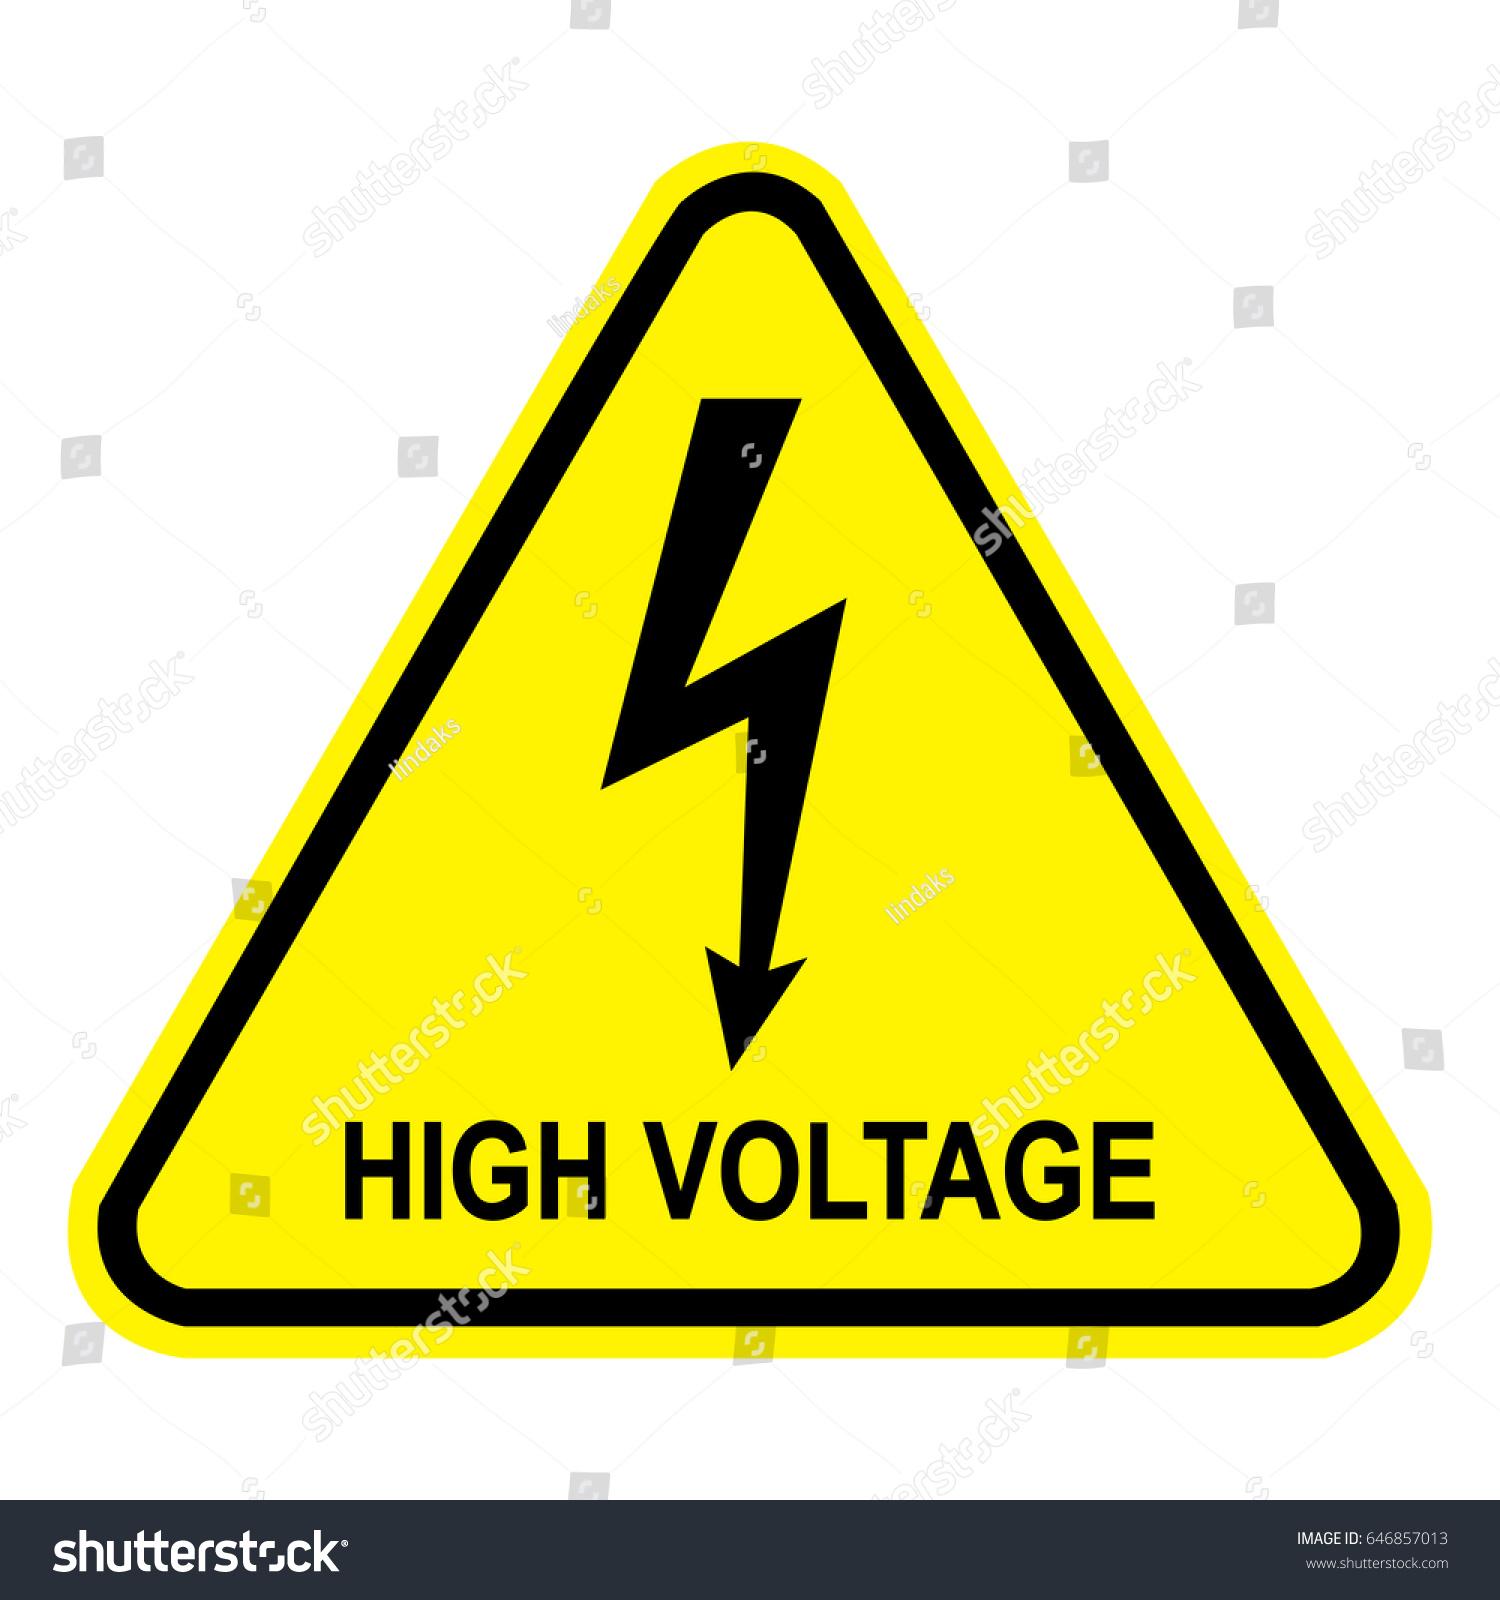 High voltage sign safety sign danger stock vector 646857013 high voltage sign safety sign danger symbol buycottarizona